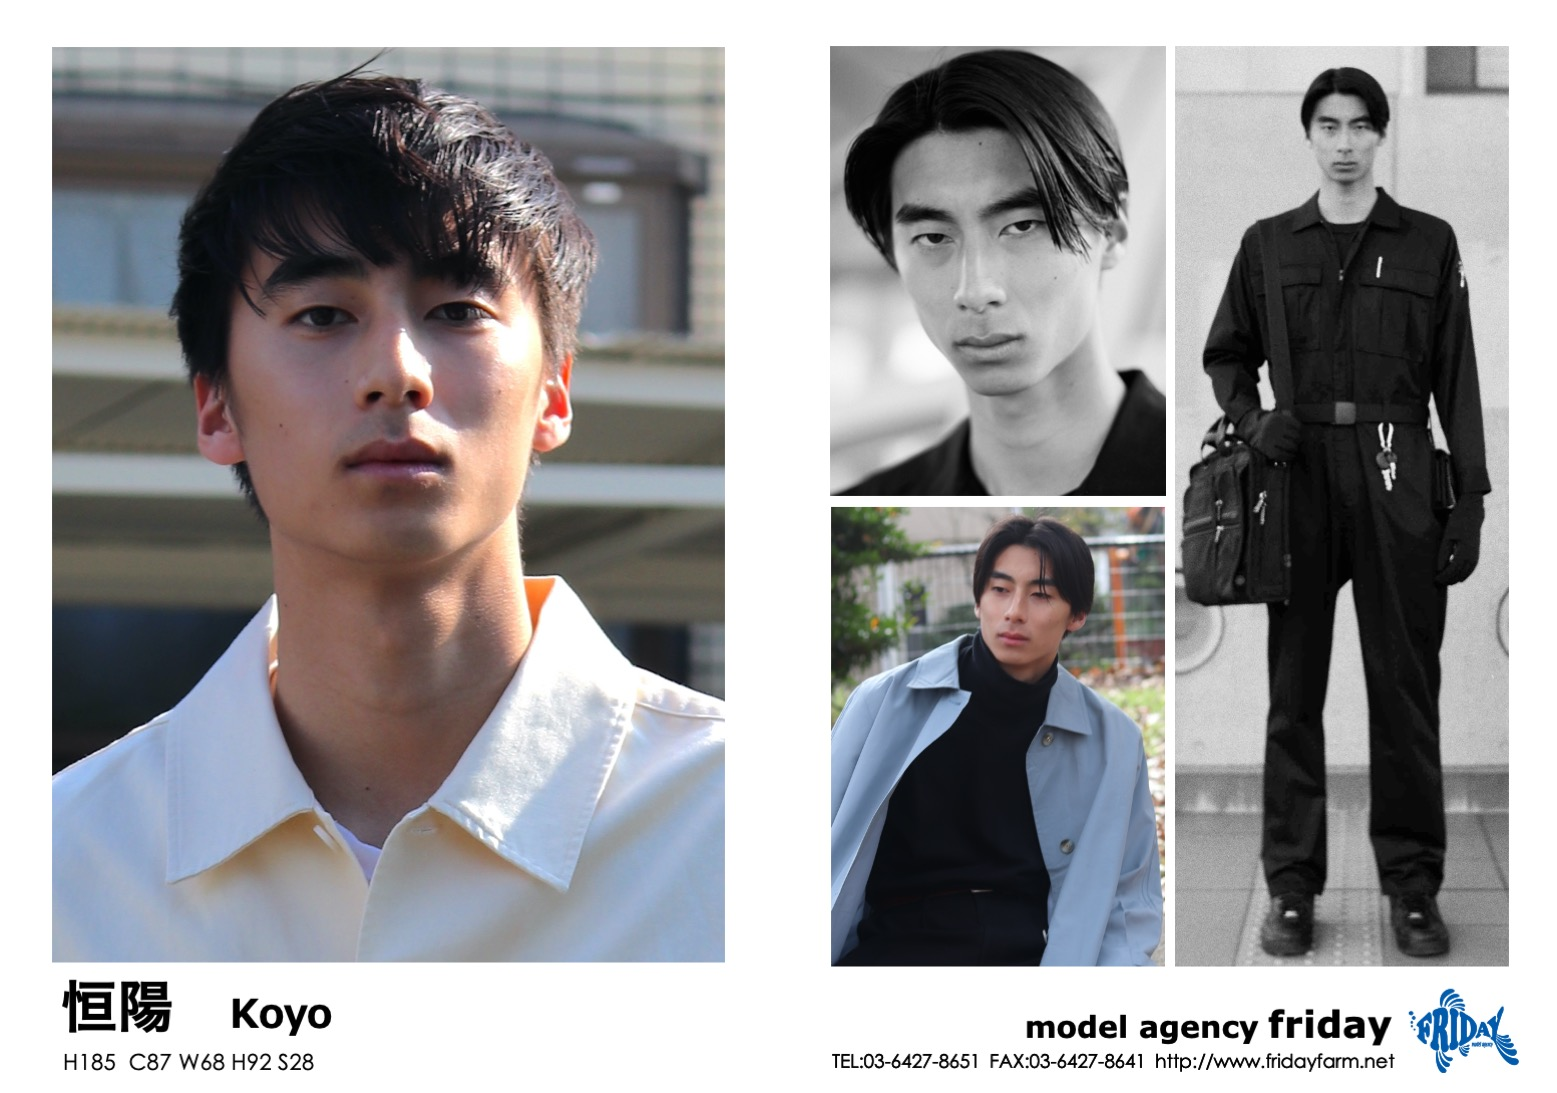 恒陽 - Koyo | model agency friday